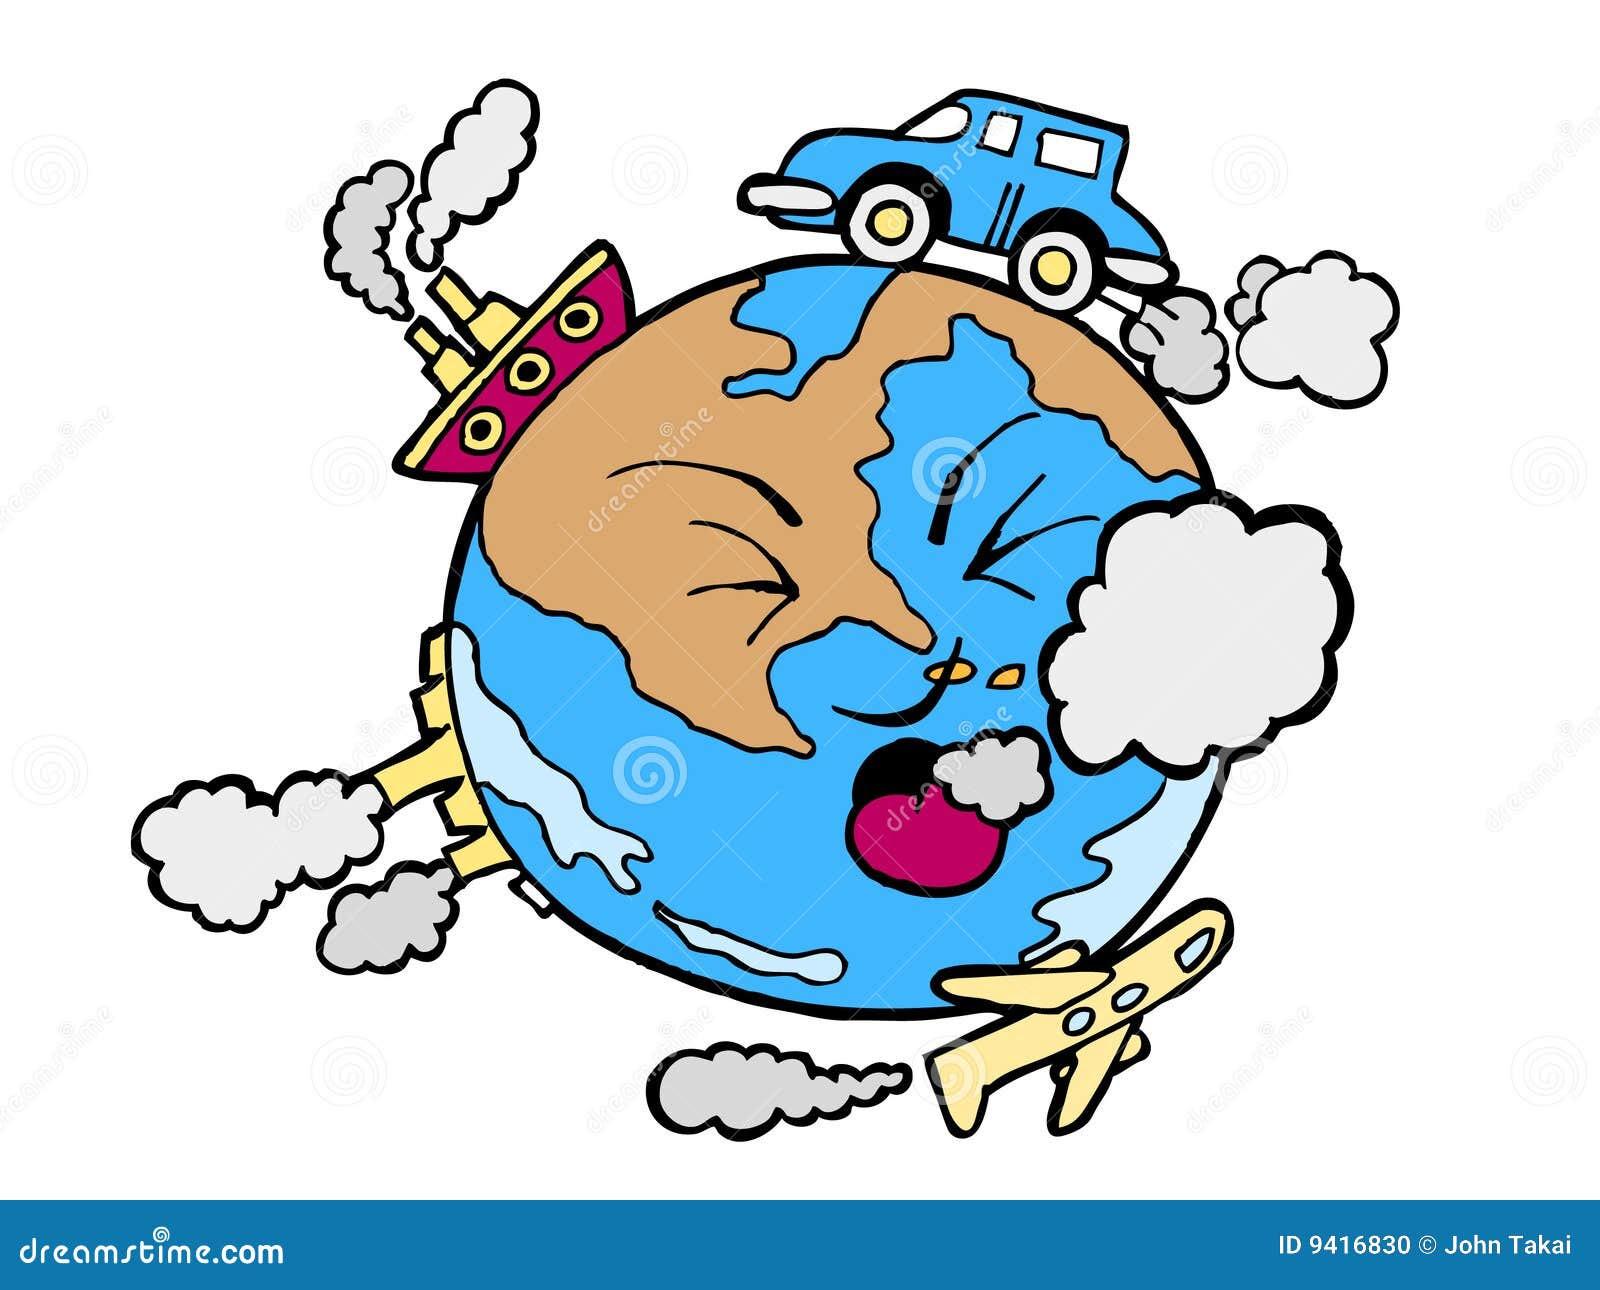 Contaminación Ambiental Efectos De La Contaminación Ambiental